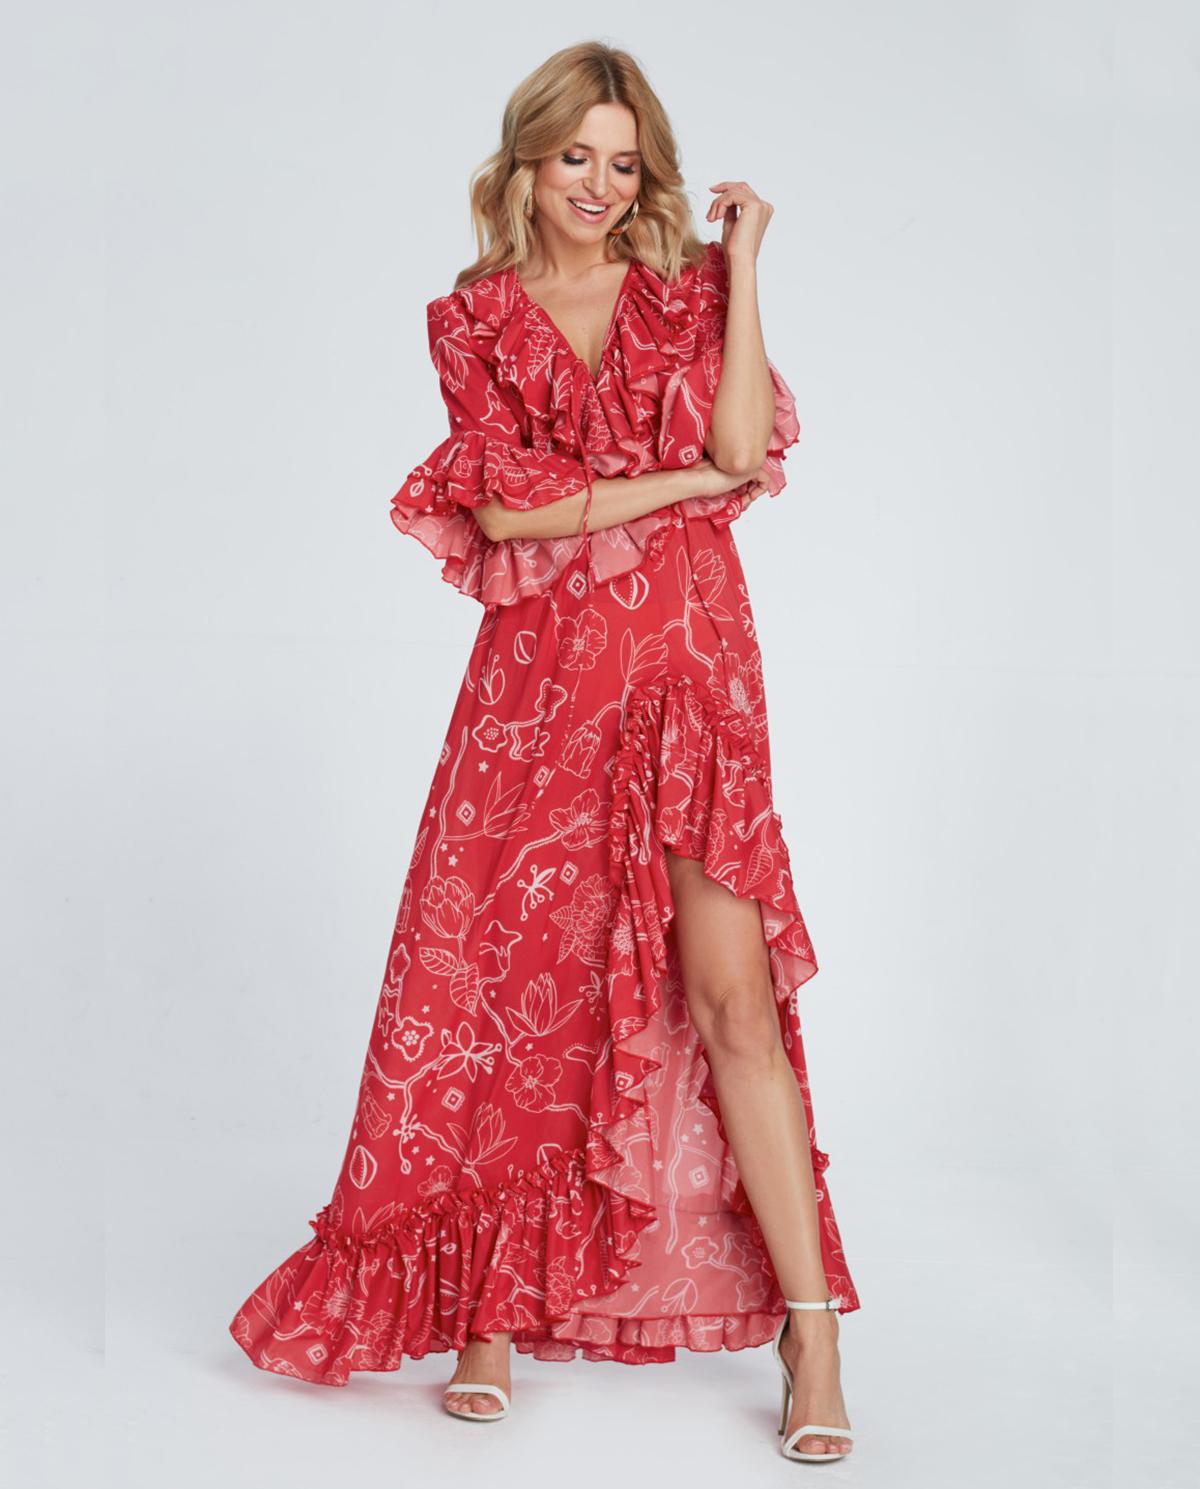 Czerwona sukienka z falbanami aster MAARE – Kup Teraz! Najlepsze ceny i opinie! Sklep Moliera2.com